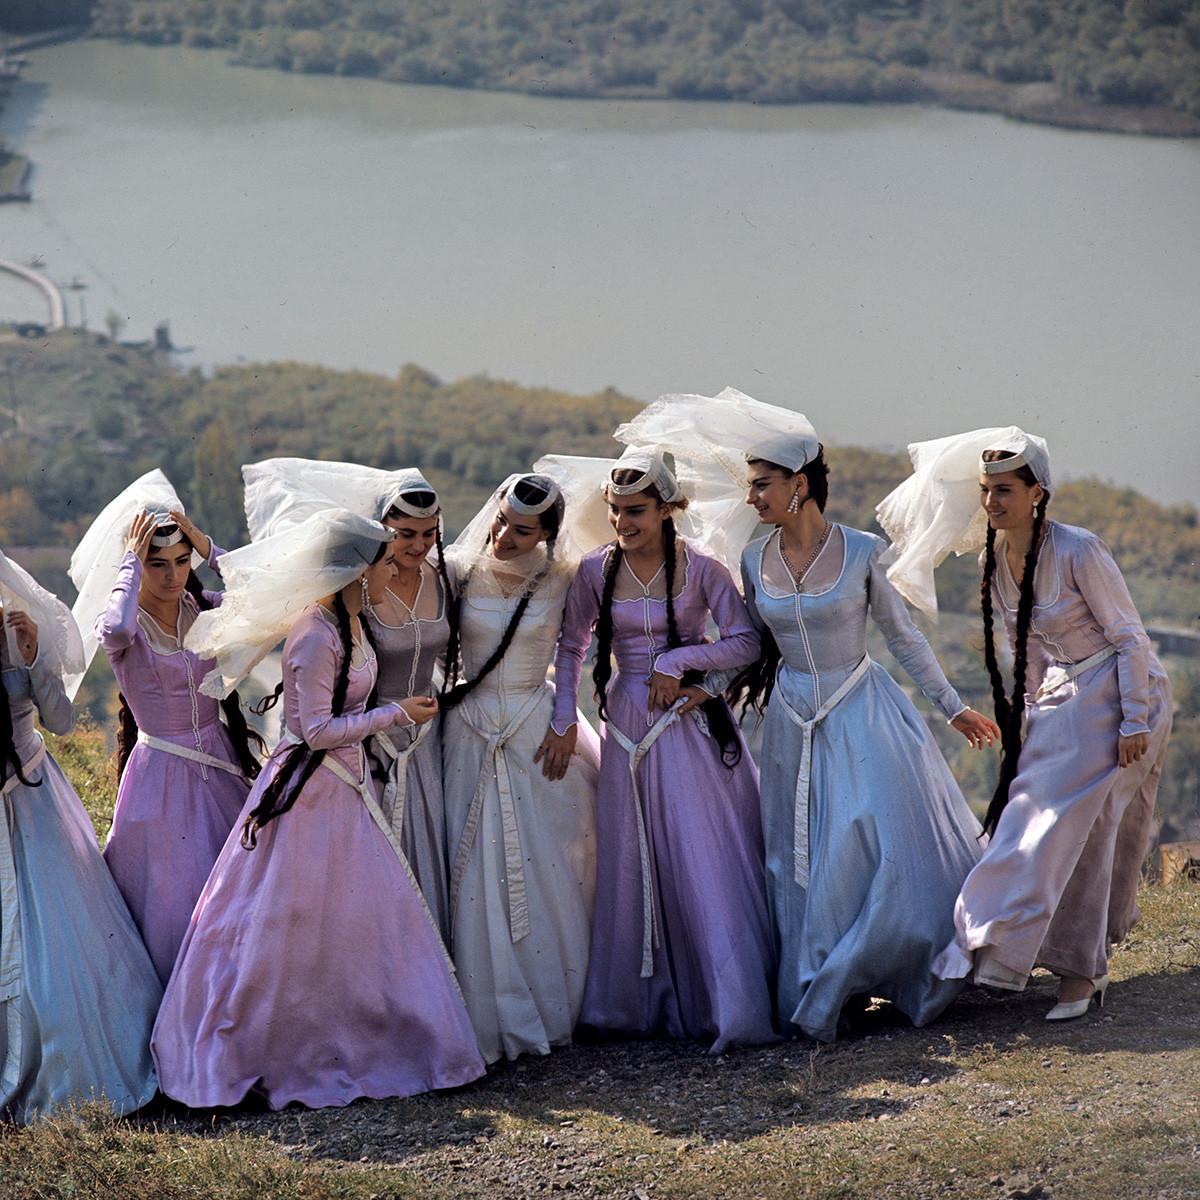 Solistas da Companhia Estatal de Canções e Danças Folclóricas da Geórgia soviética